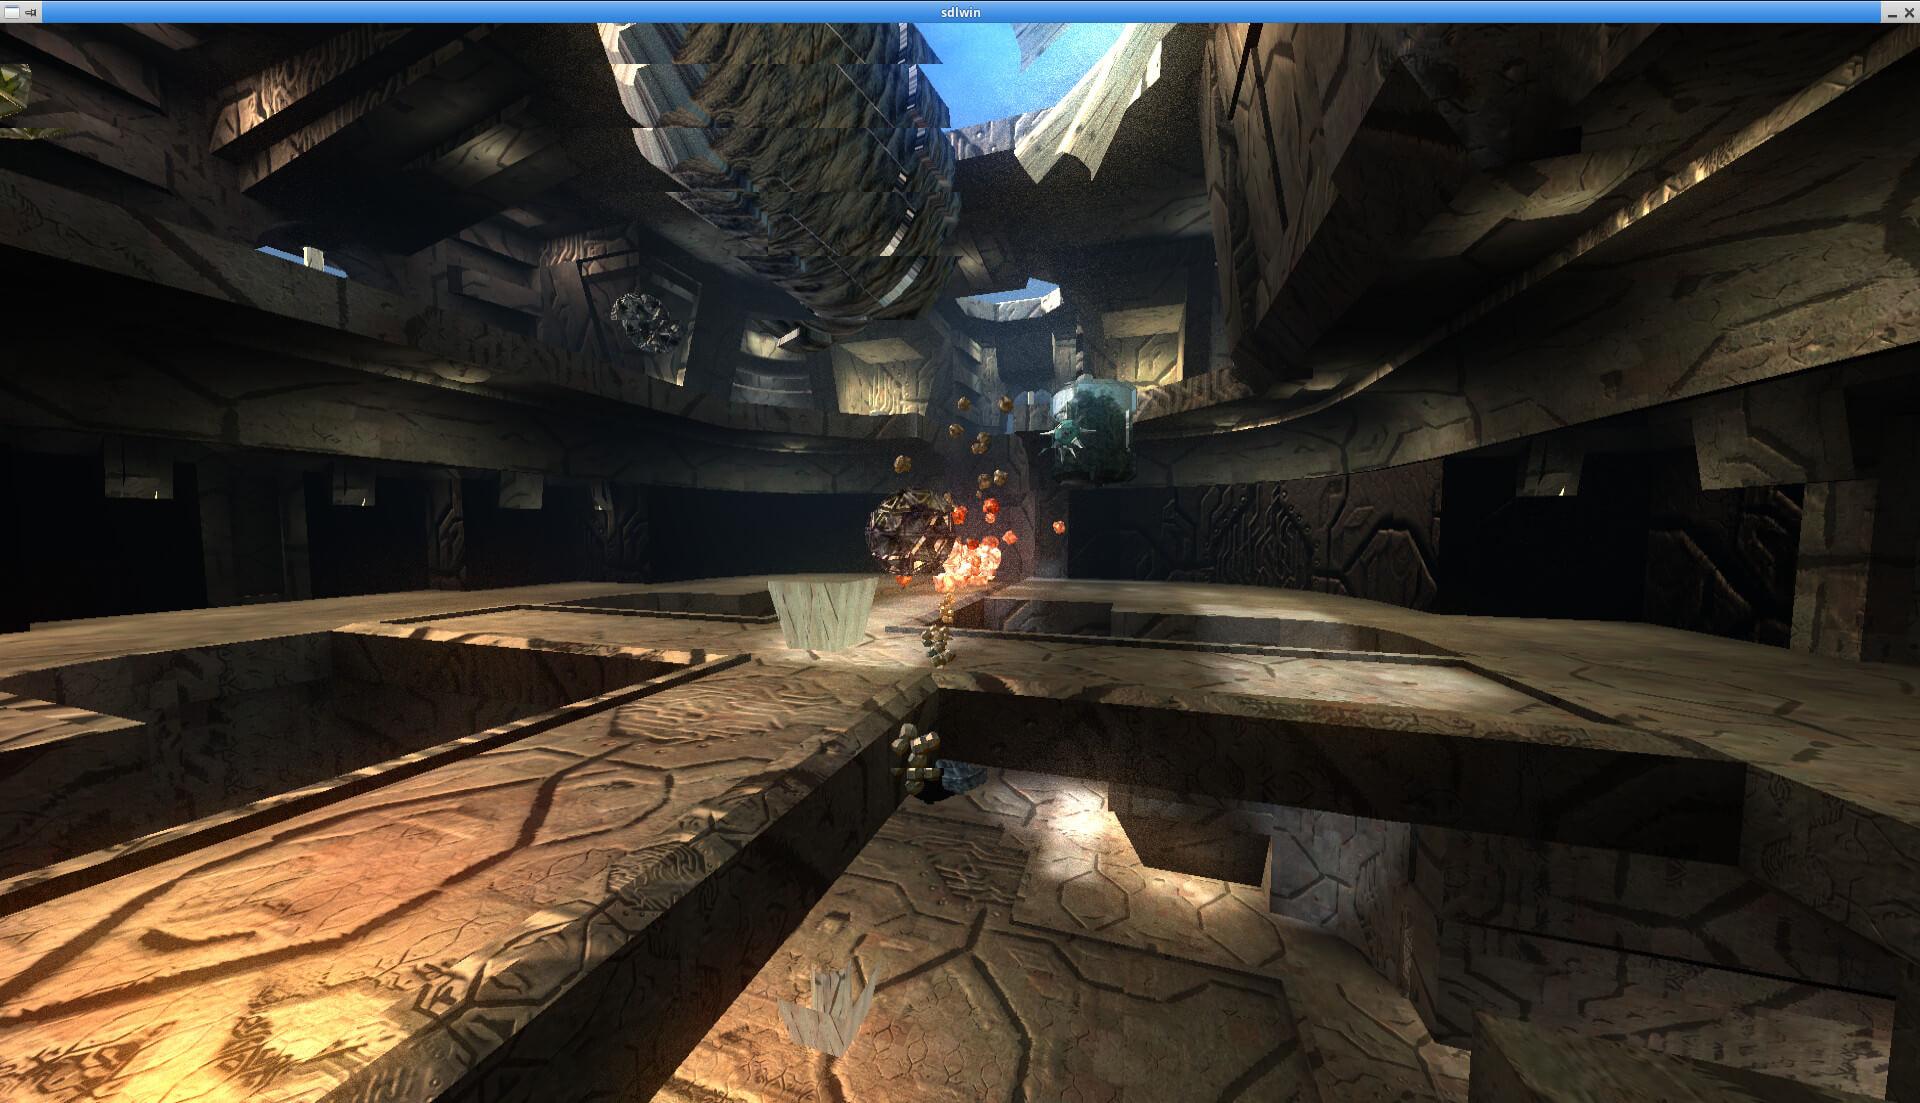 thRustEngine screenshot